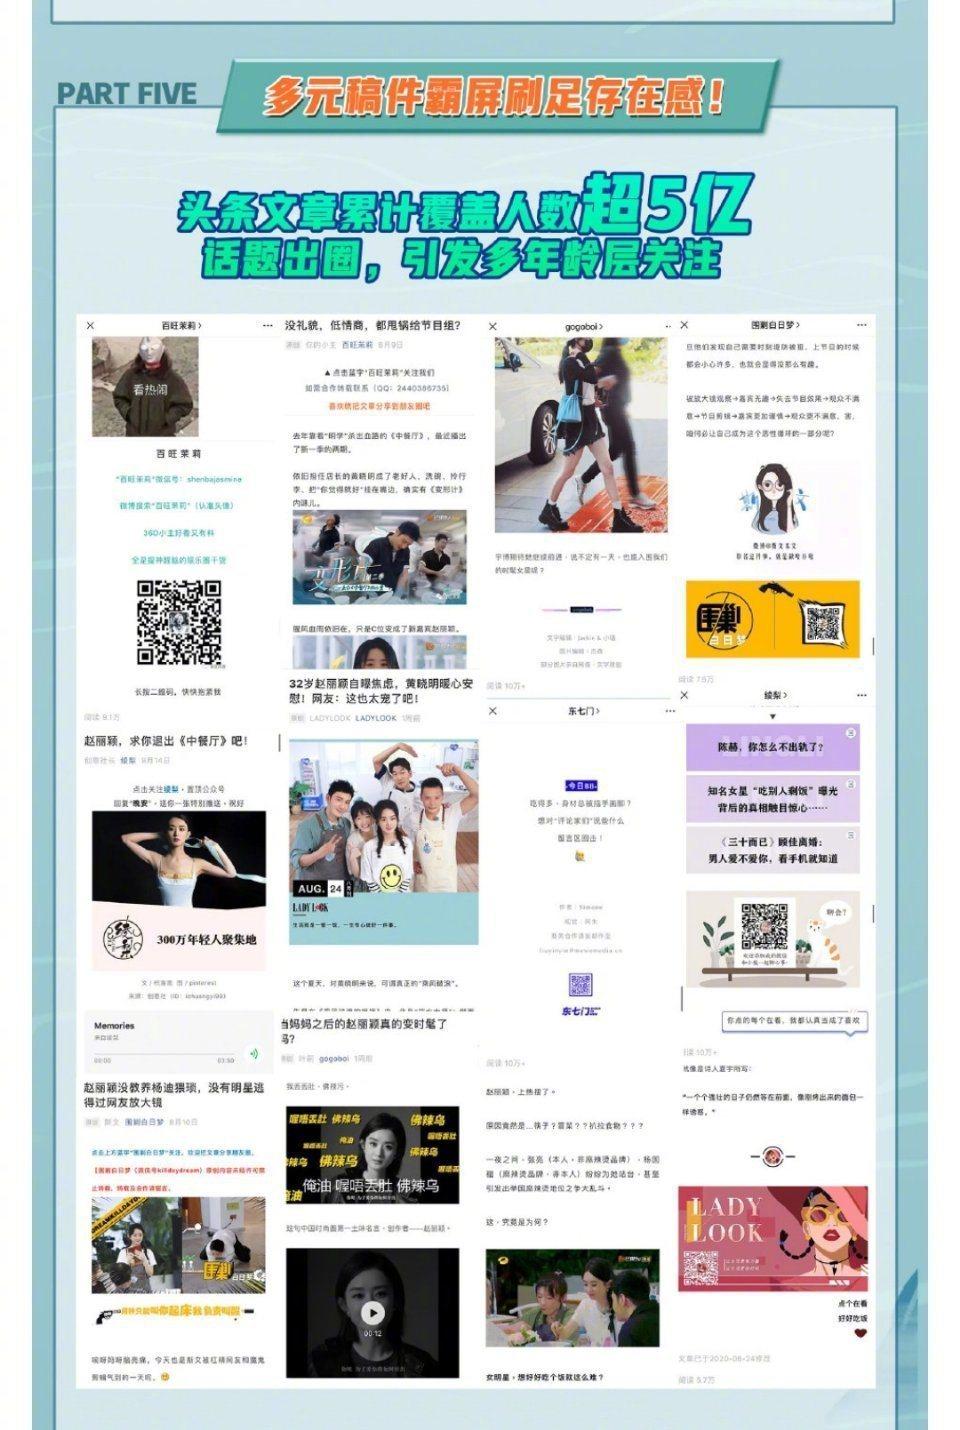 「中餐廳」節目組將趙麗穎的黑料,當作宣傳戰報。 圖/擷自微博